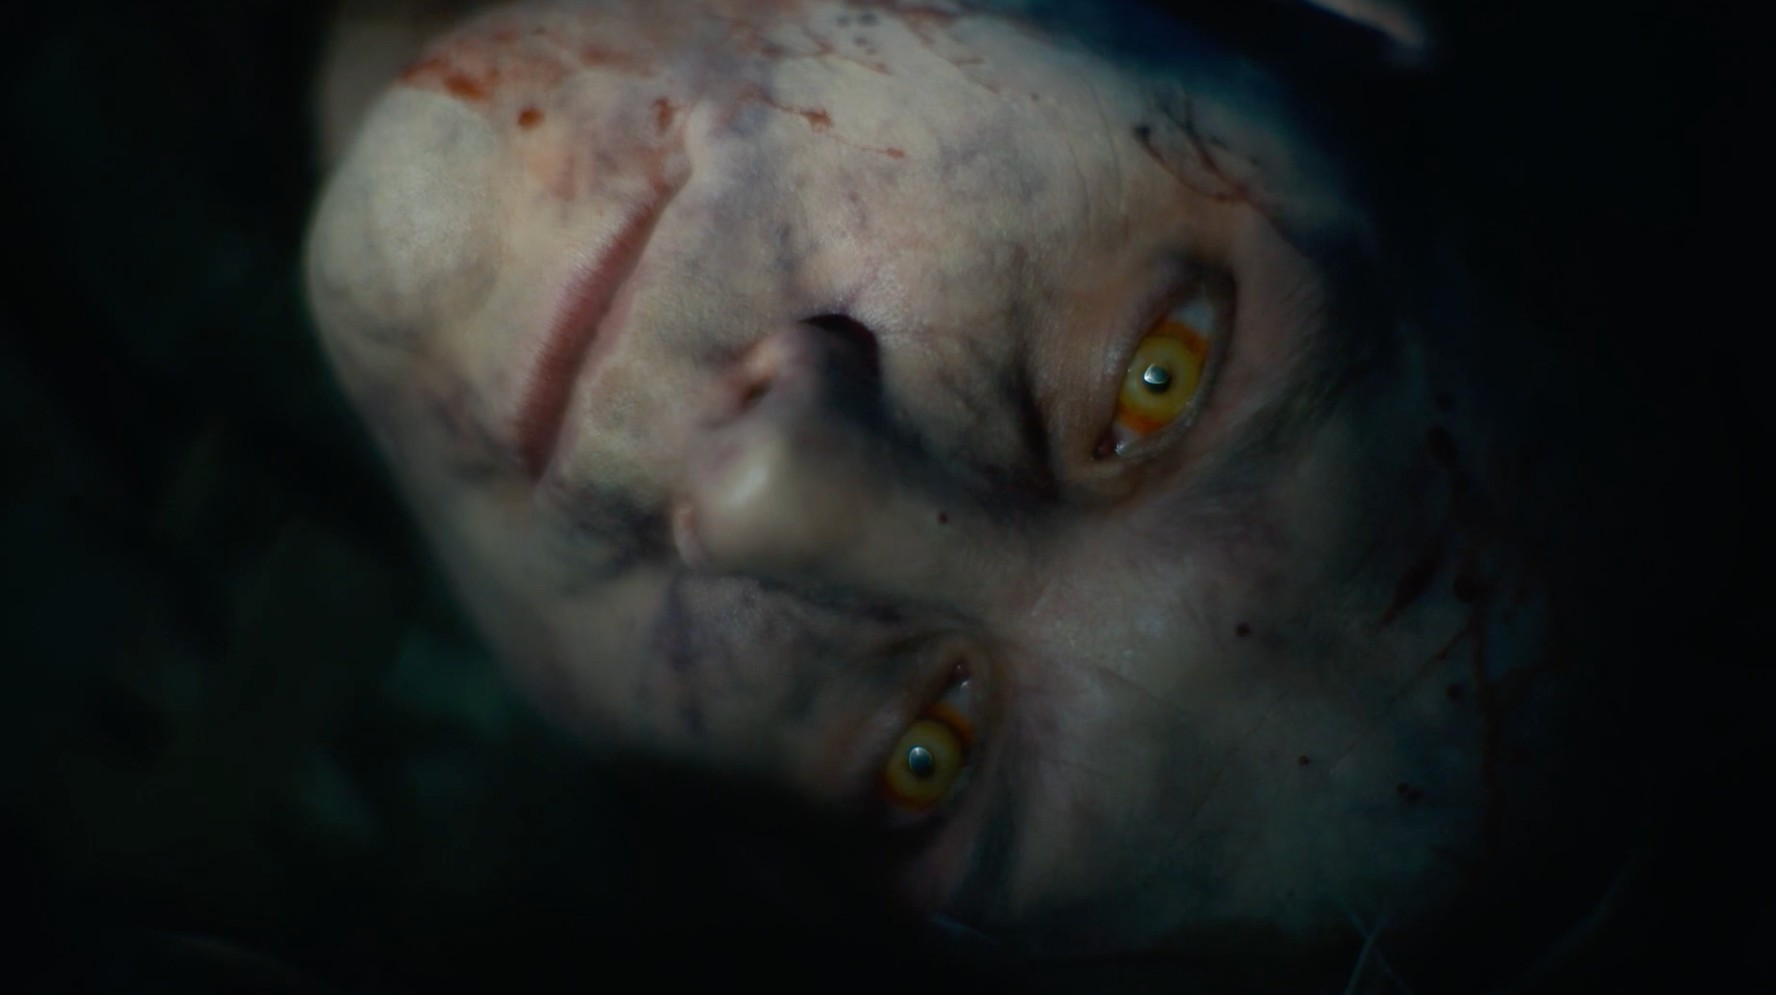 Bloed en zombies: Netflix zet eerste 15 minuten van 'Army of the Dead' integraal online